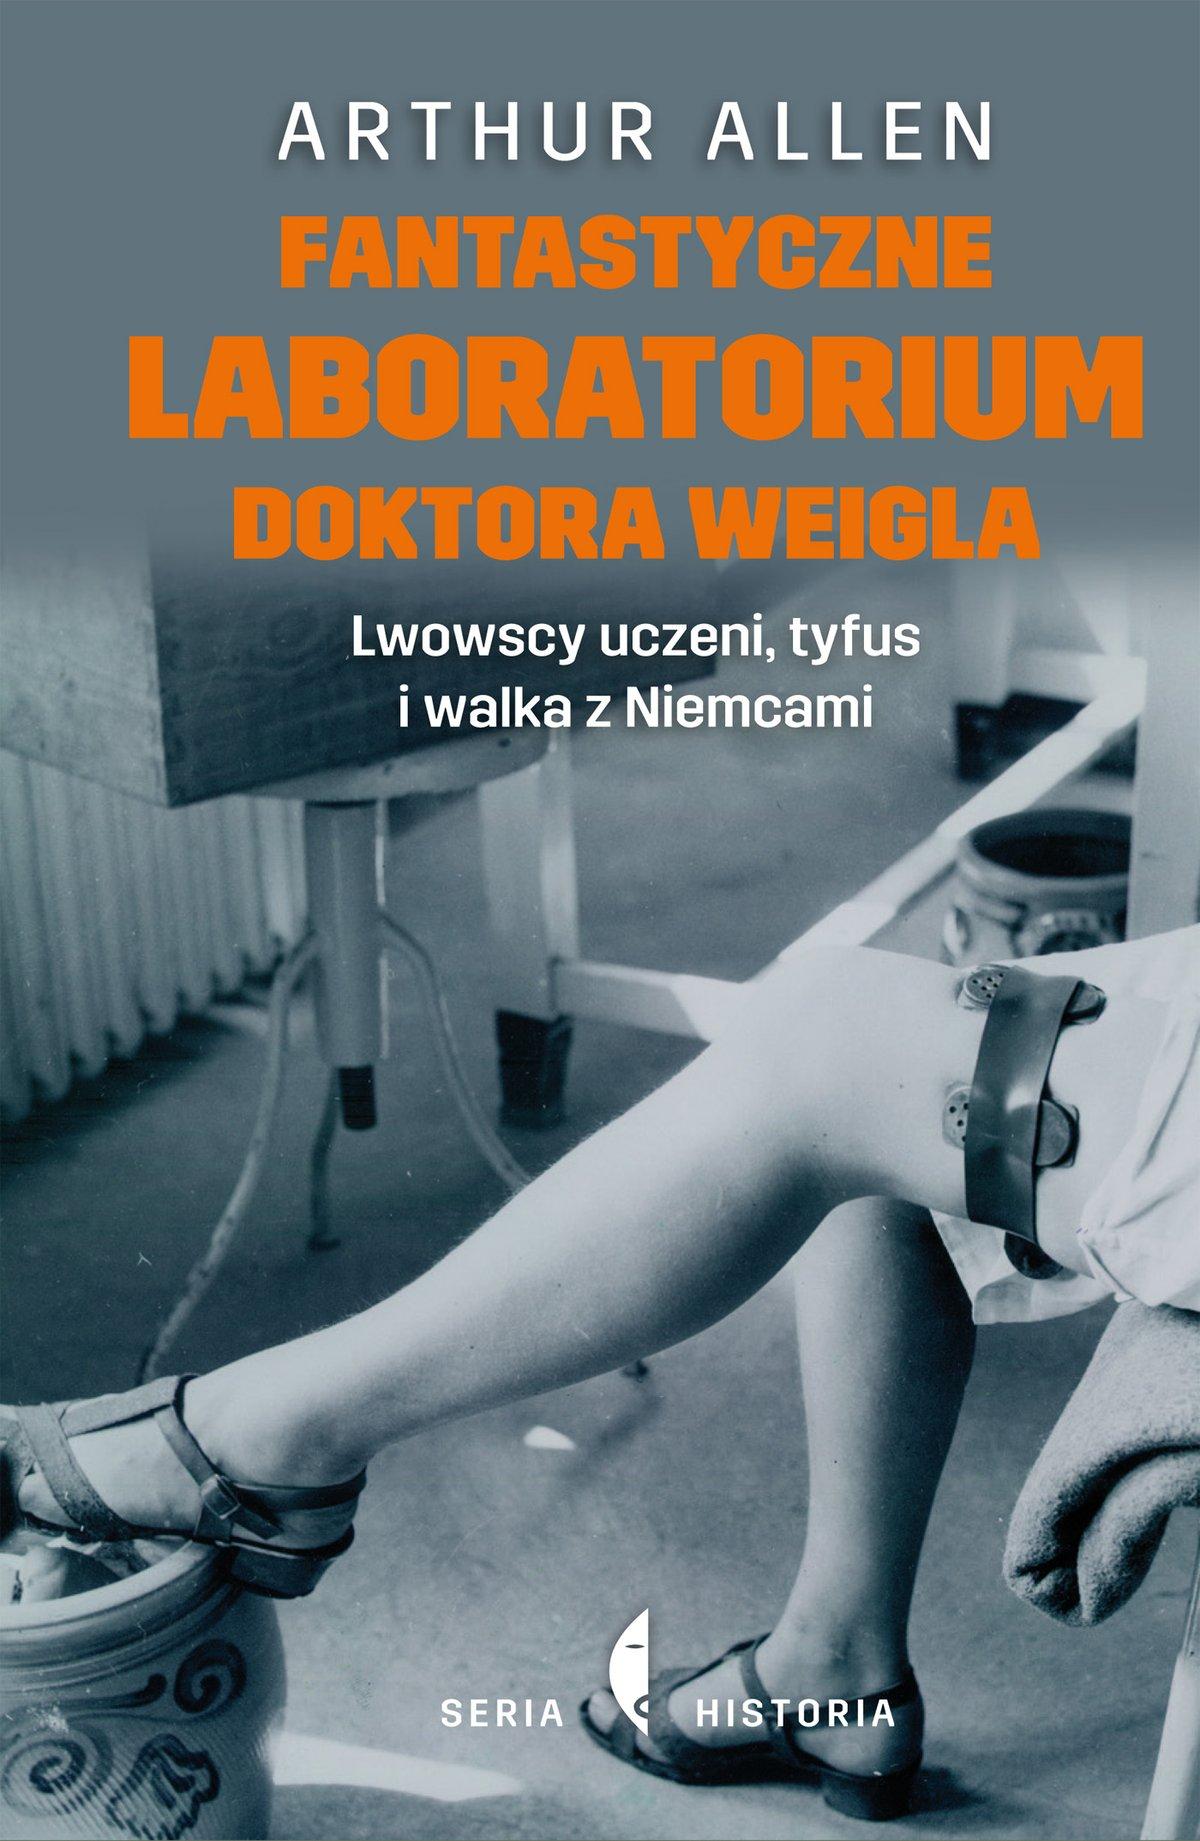 Fantastyczne laboratorium doktora Weigla - Ebook (Książka EPUB) do pobrania w formacie EPUB